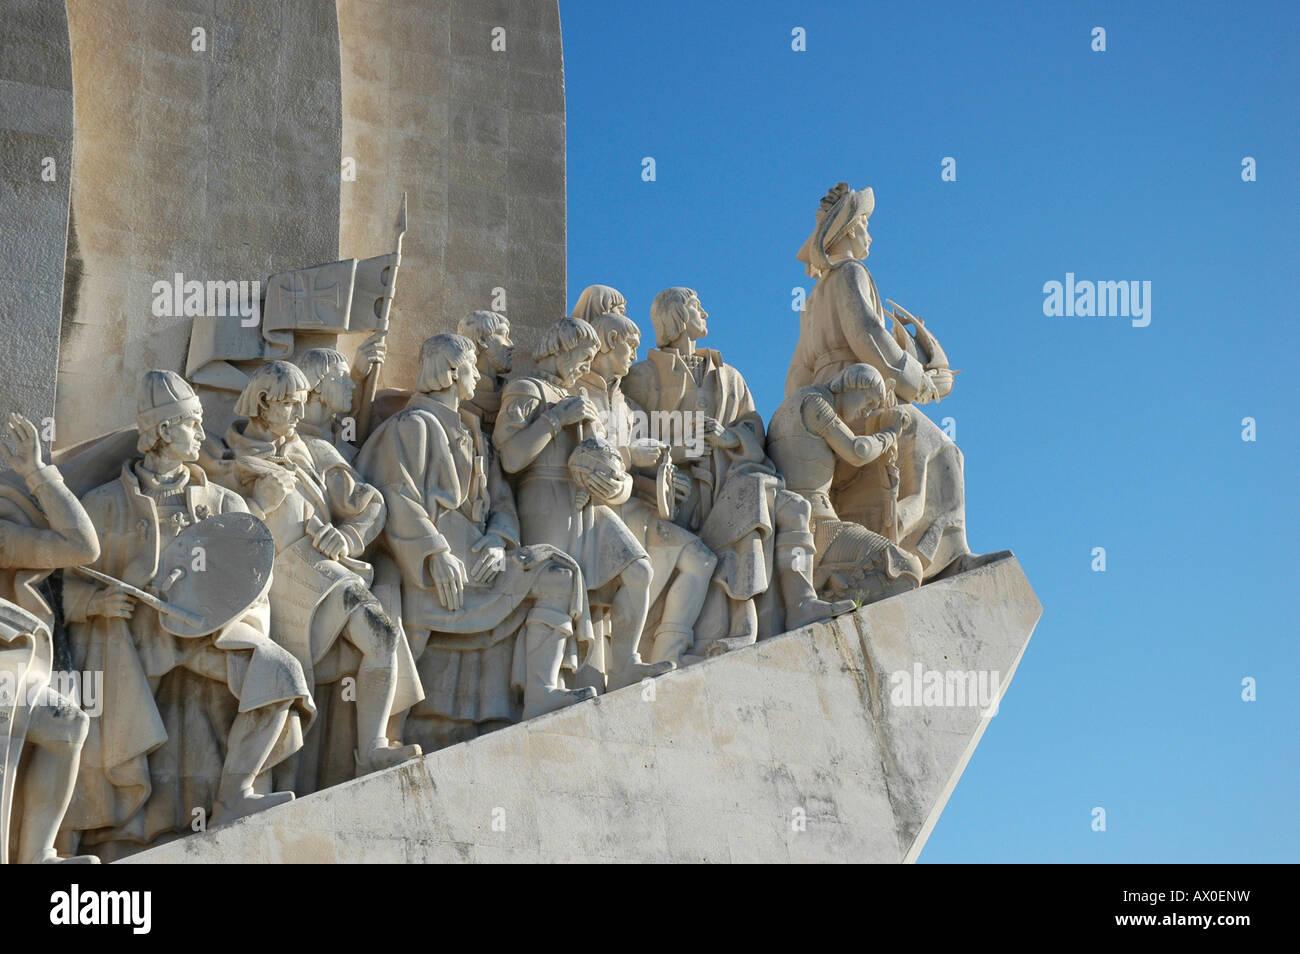 Padrão dos Descobrimentos (Age of Discovery Memorial) in Lisbon, Portugal, Europe - Stock Image